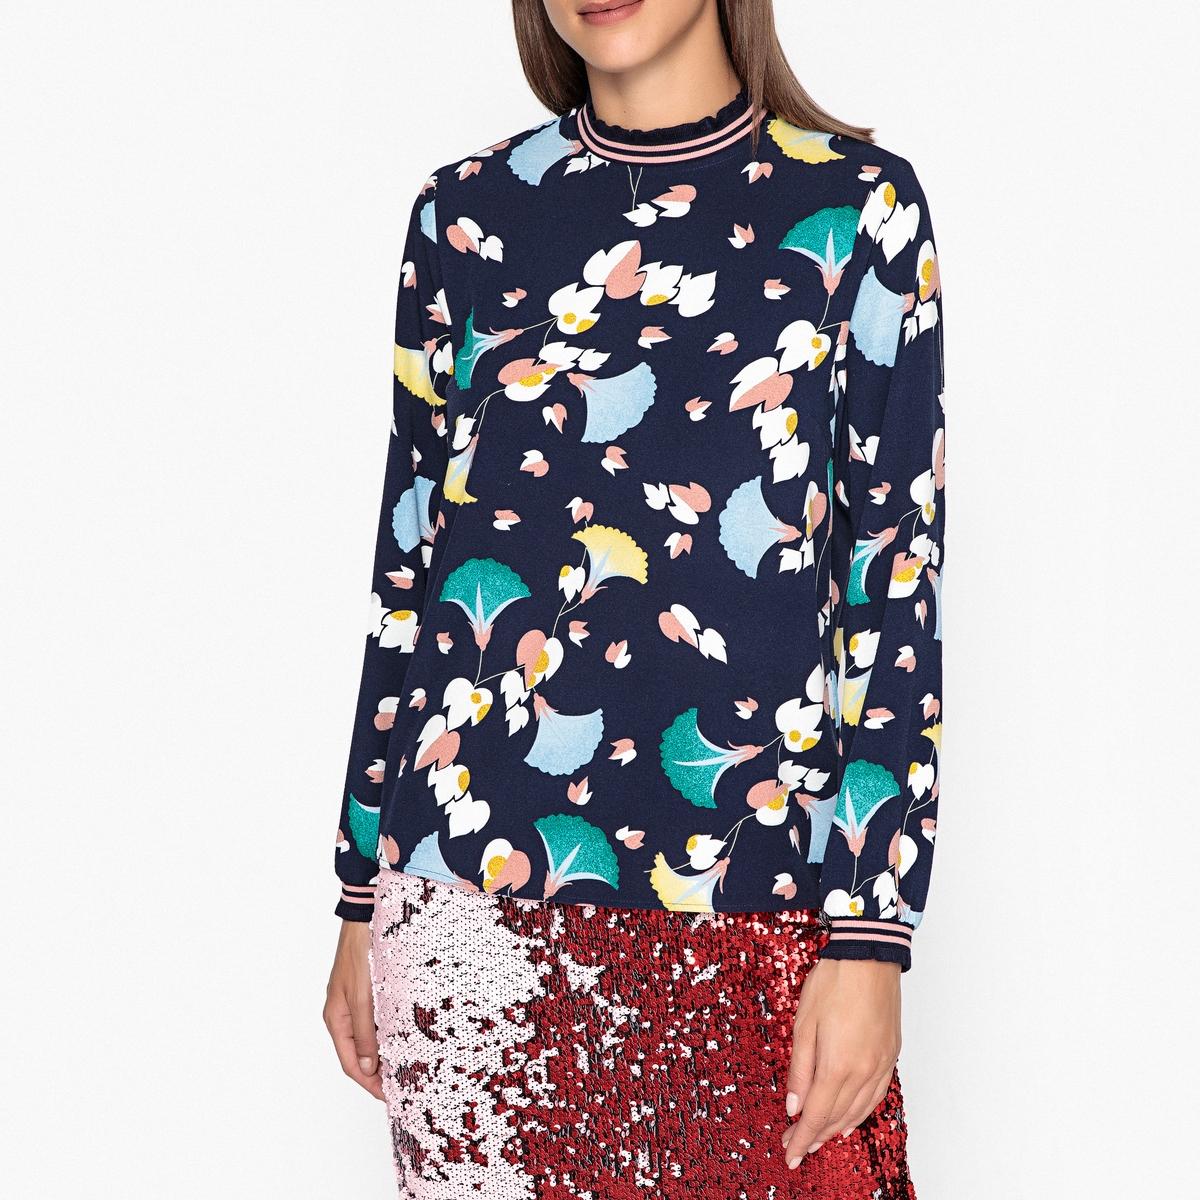 Блузка с рисунком, воротником-стойкой и длинными рукавами RORY блузка с рисунком из струящейся ткани